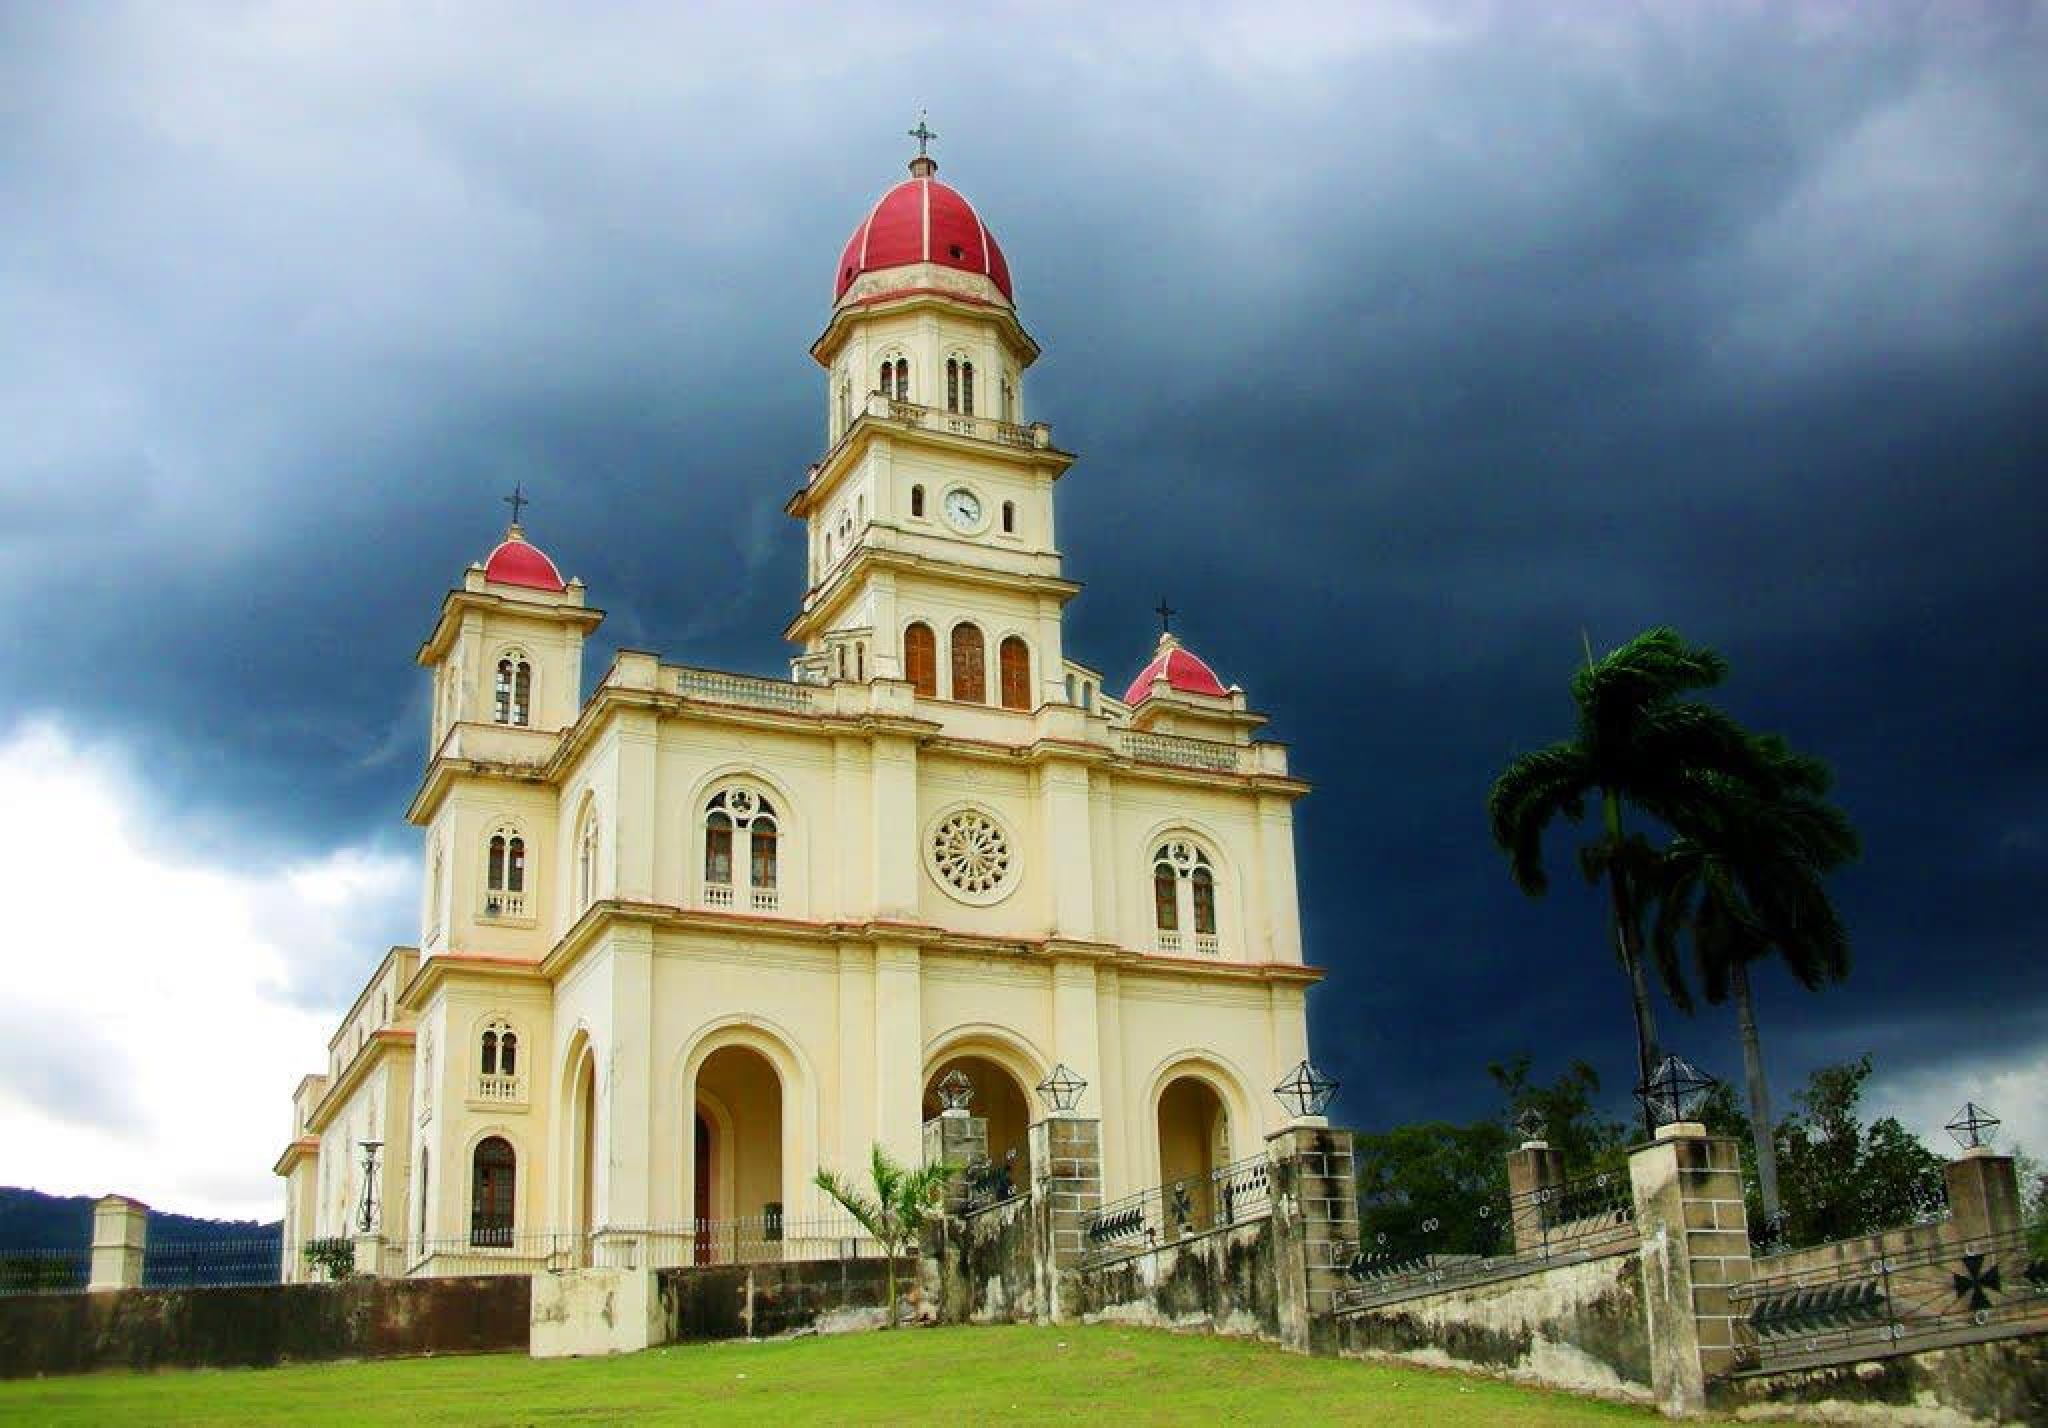 la iglesia del cobre en cuba by FELIX O RODRIGUEZ